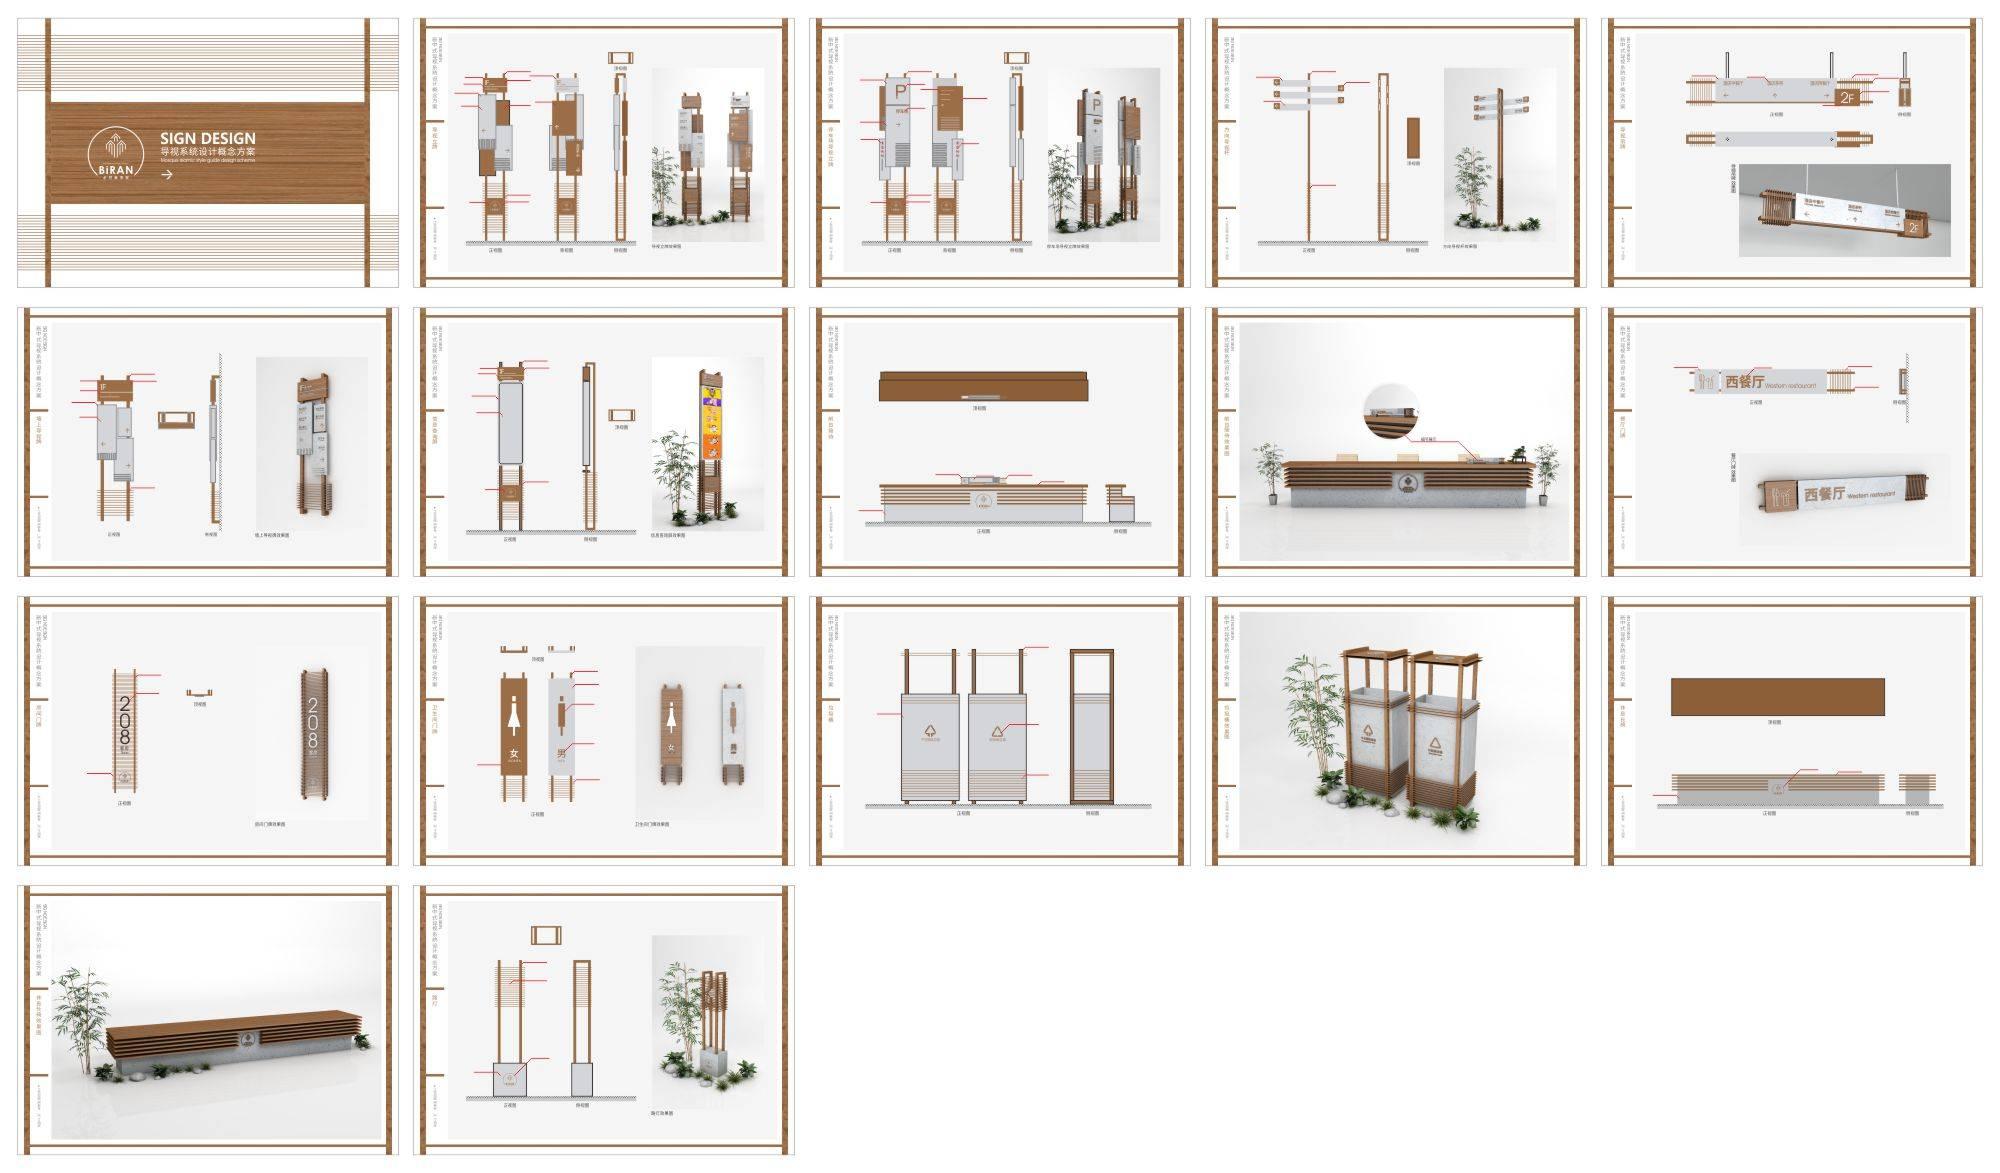 【美享云创· 原创作品系列】之《时尚新中式度假村酒店导视系统设计概念方案》